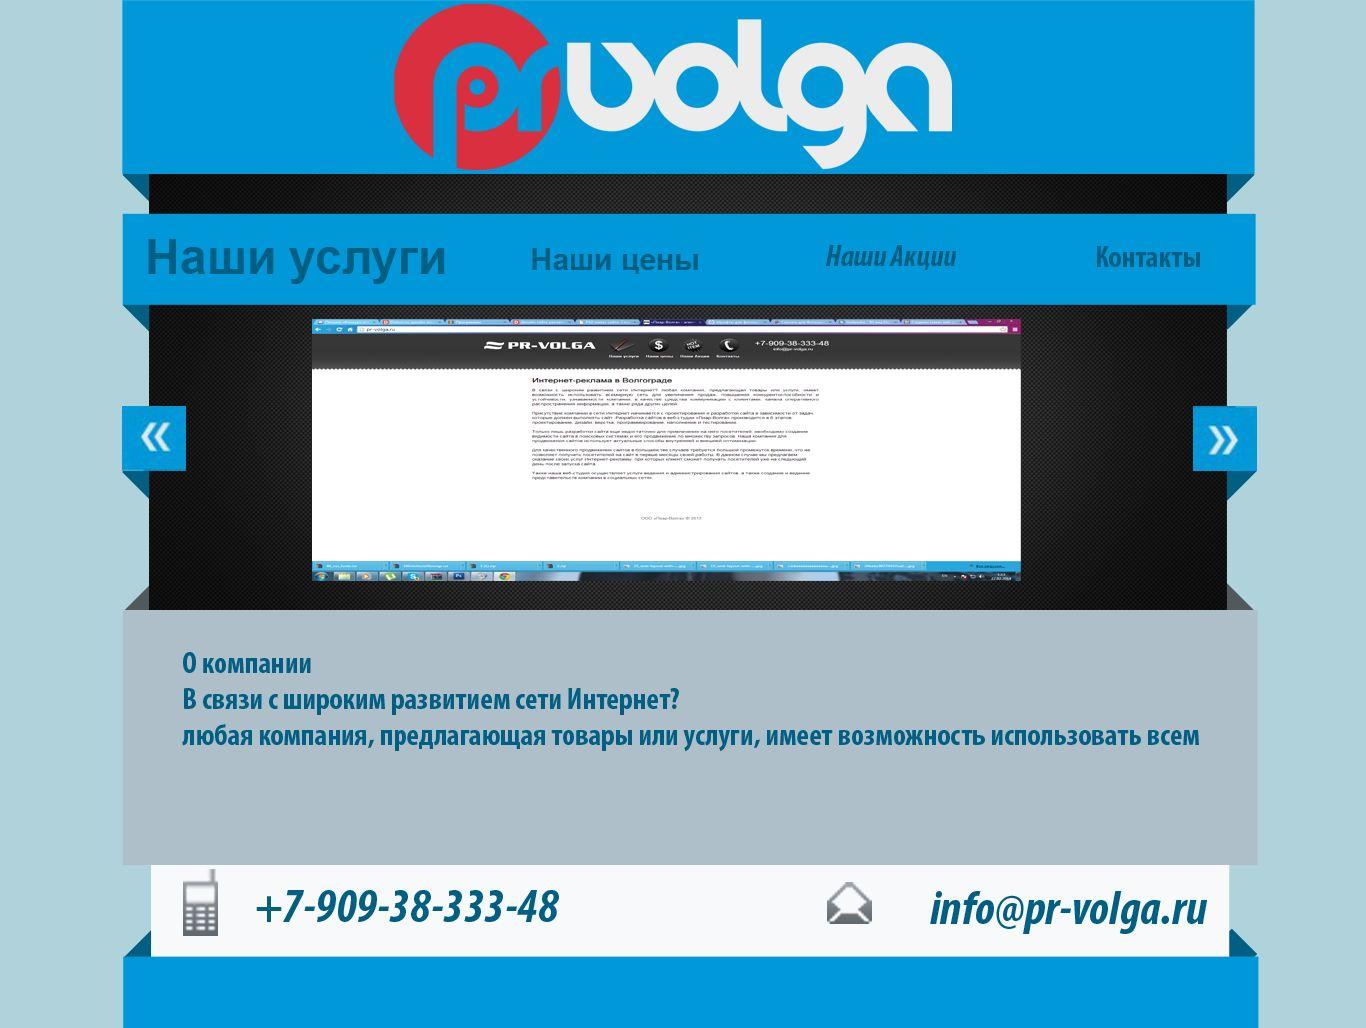 Дизайн сайта рекламного агентства - дизайнер dfvgbh123